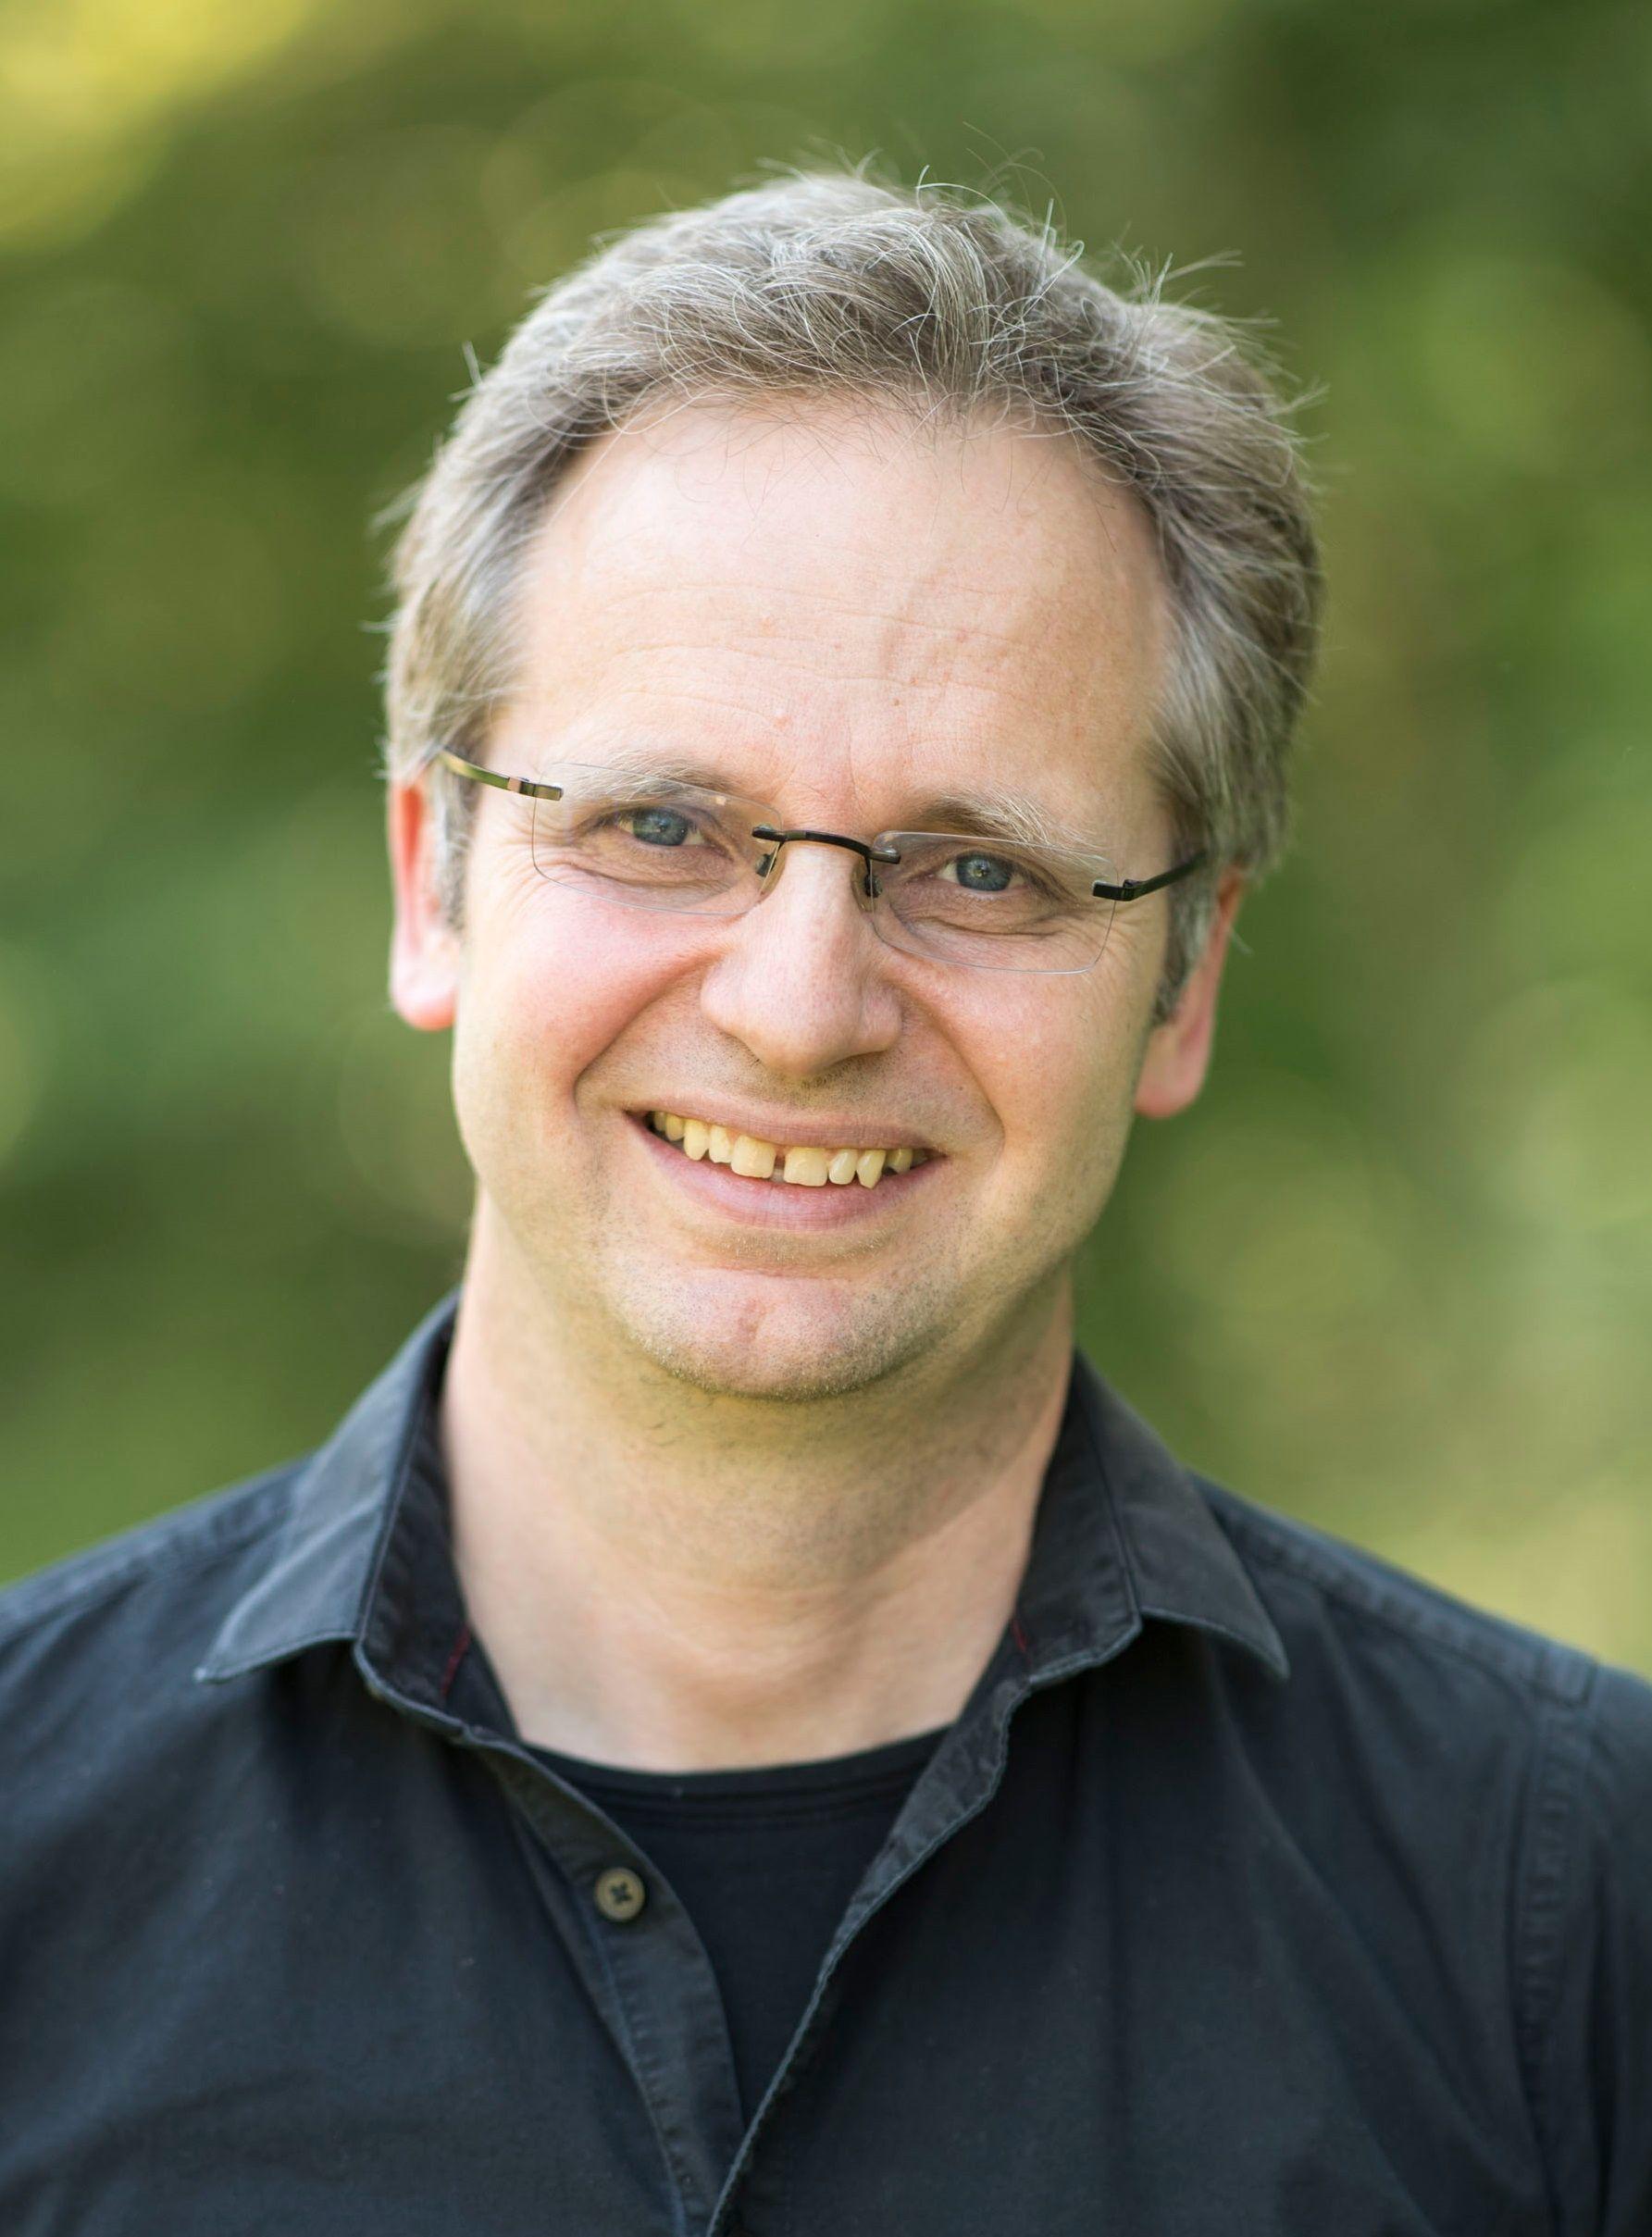 Matthias Kröz